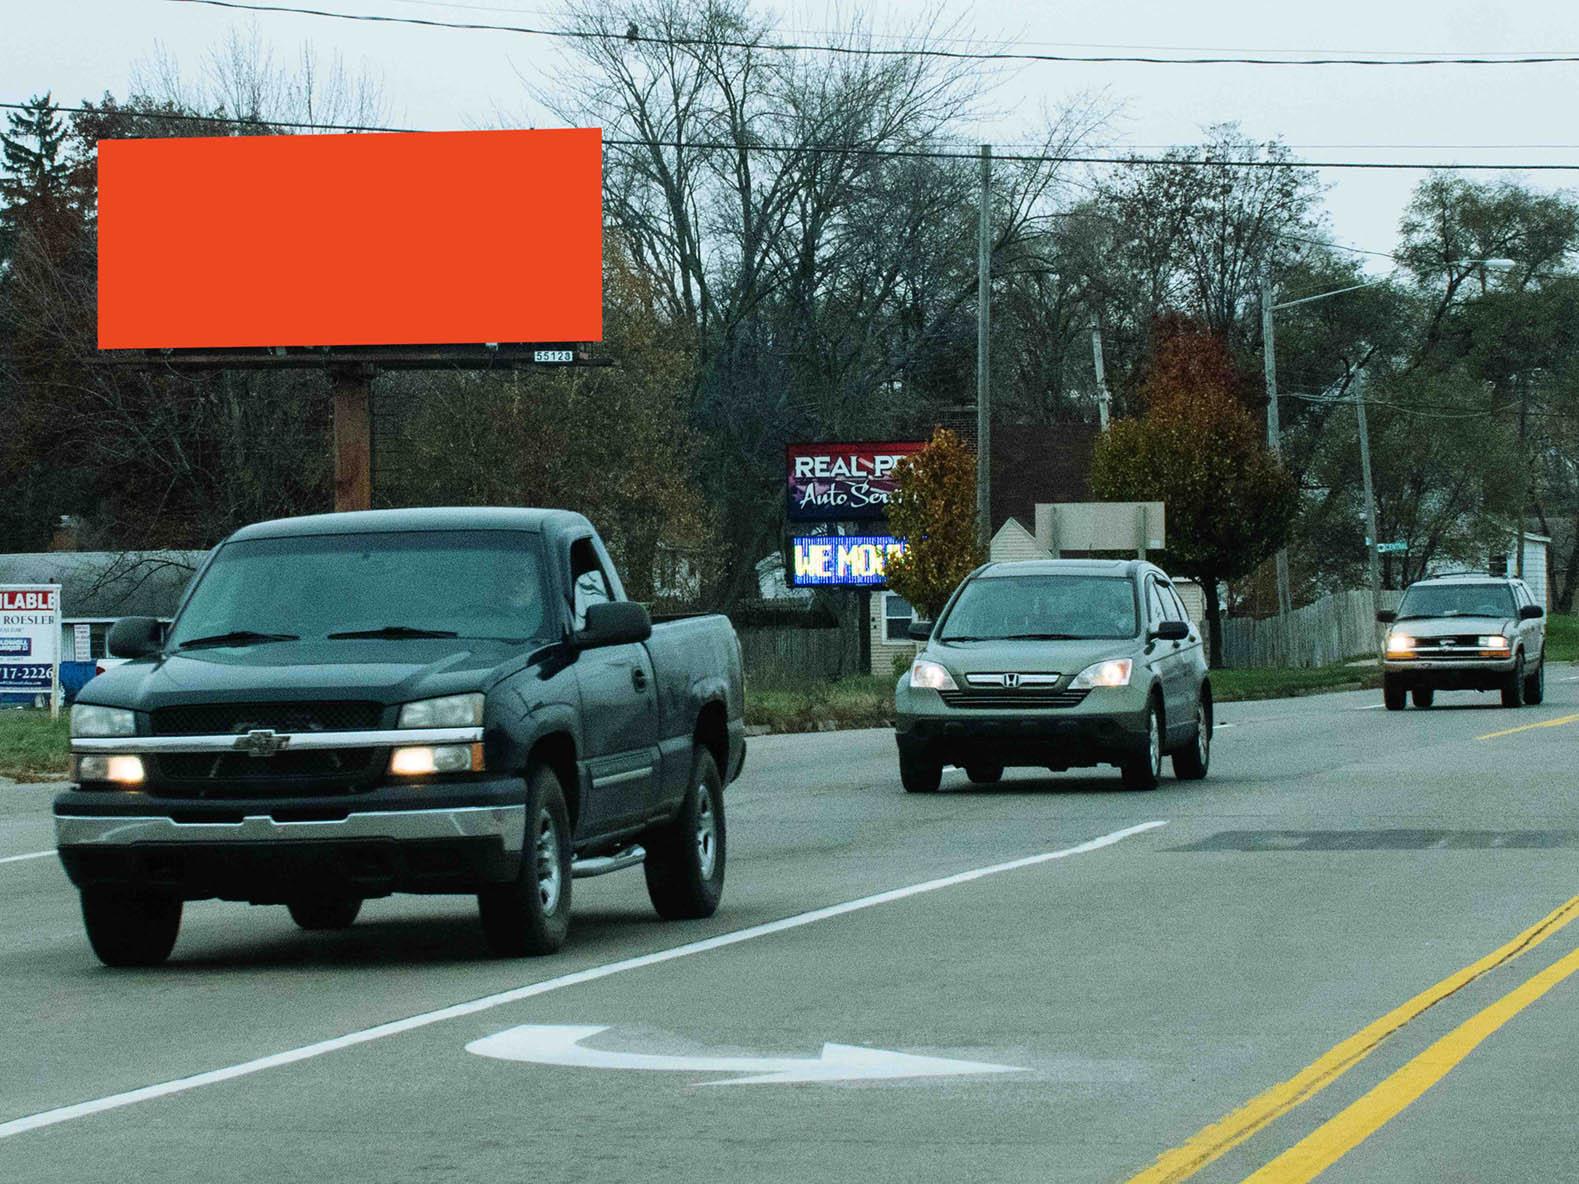 Billboard 407 West (10 x 26.1) - Geopath: 30655461